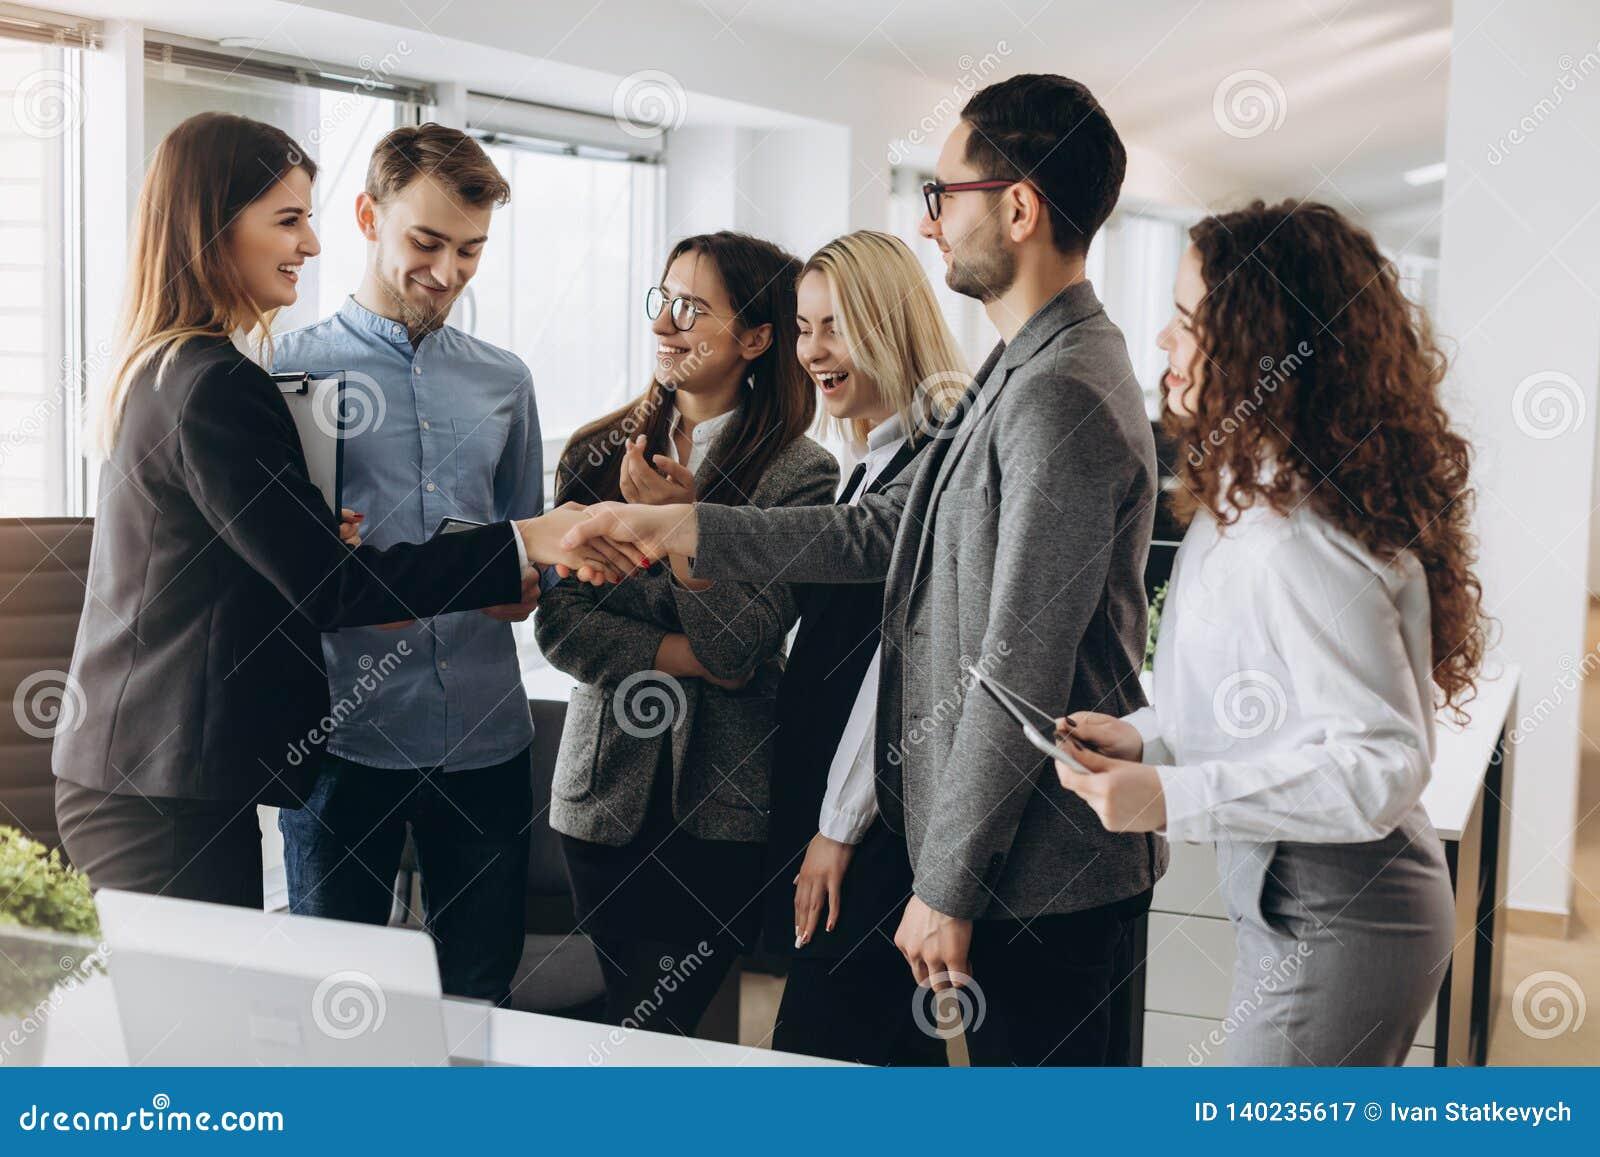 Bella donna sorridente che stringe mano maschio, accogliente stretta di mano del richiedente femminile che arriva all intervista